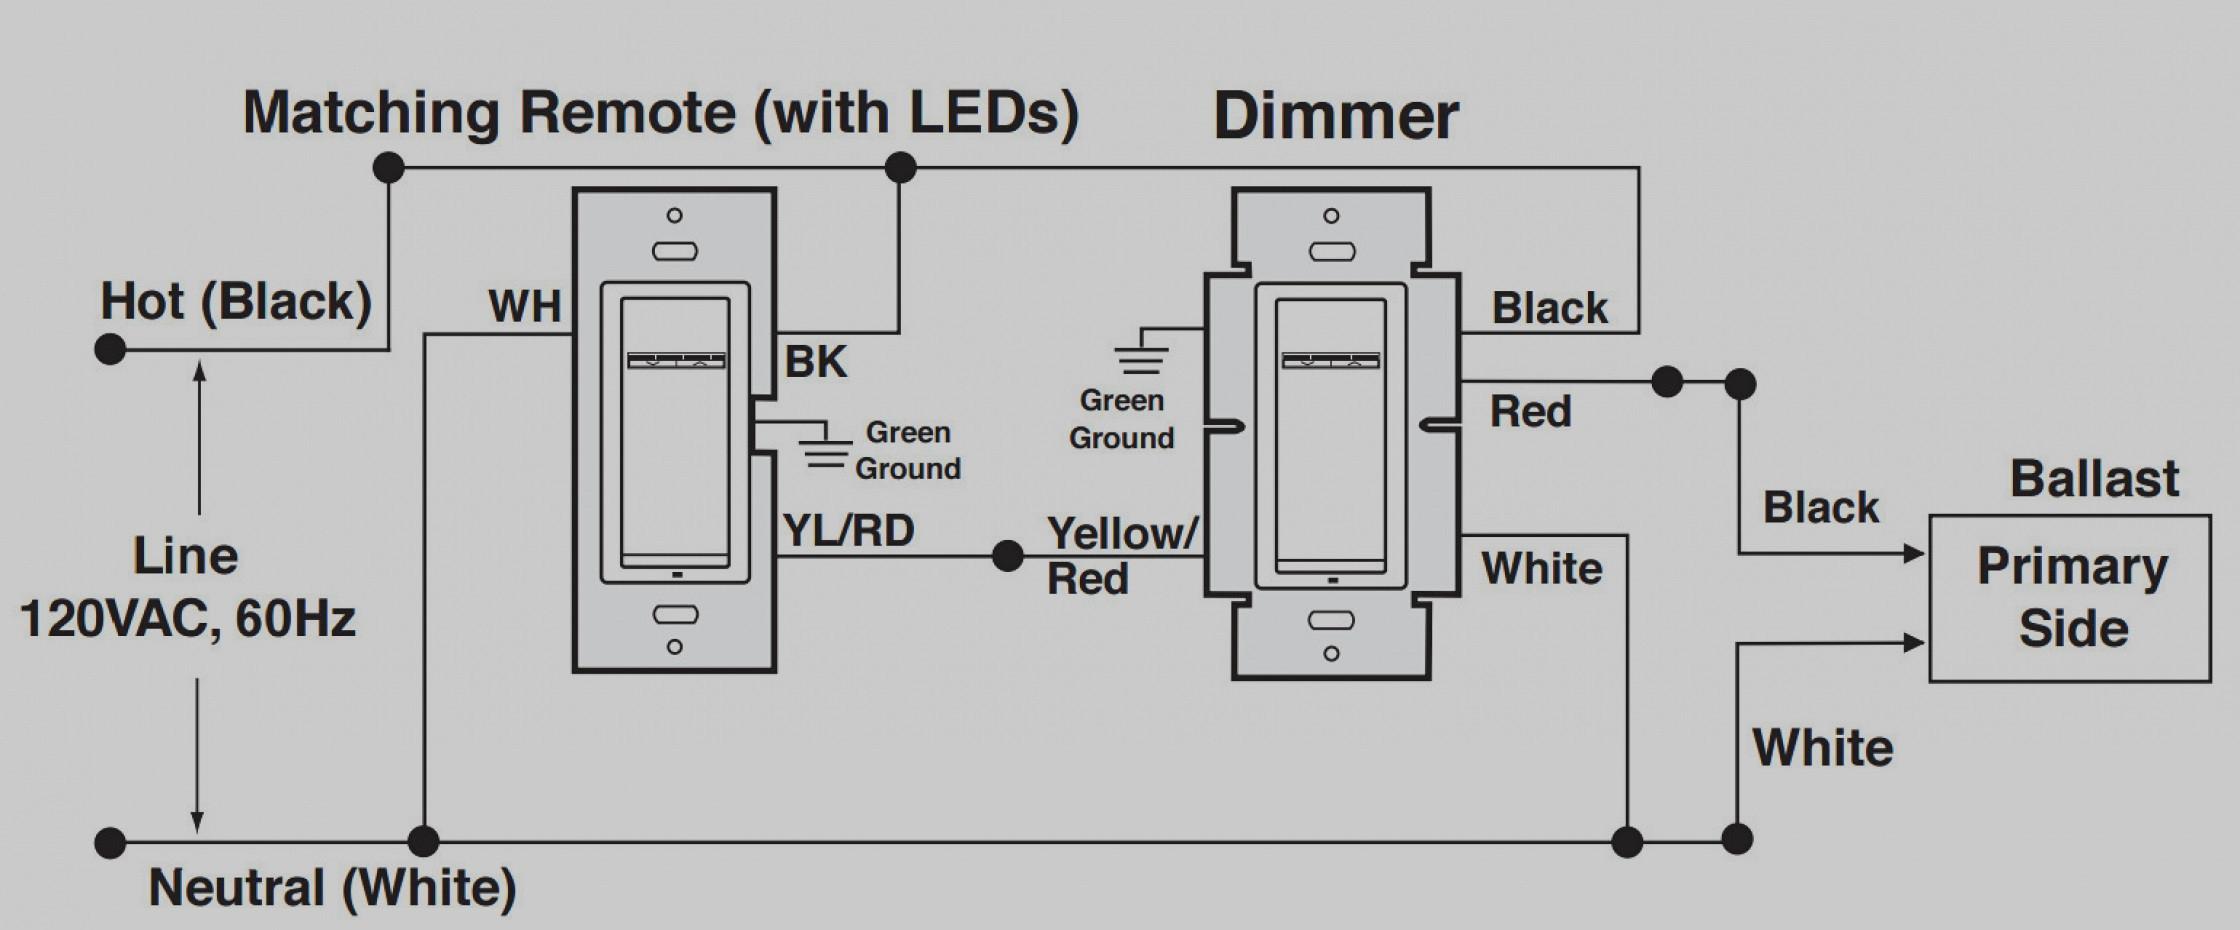 4 Way Dimmer Switch Wiring - Wiring Diagram Data Oreo - 3 Pole Switch Wiring Diagram